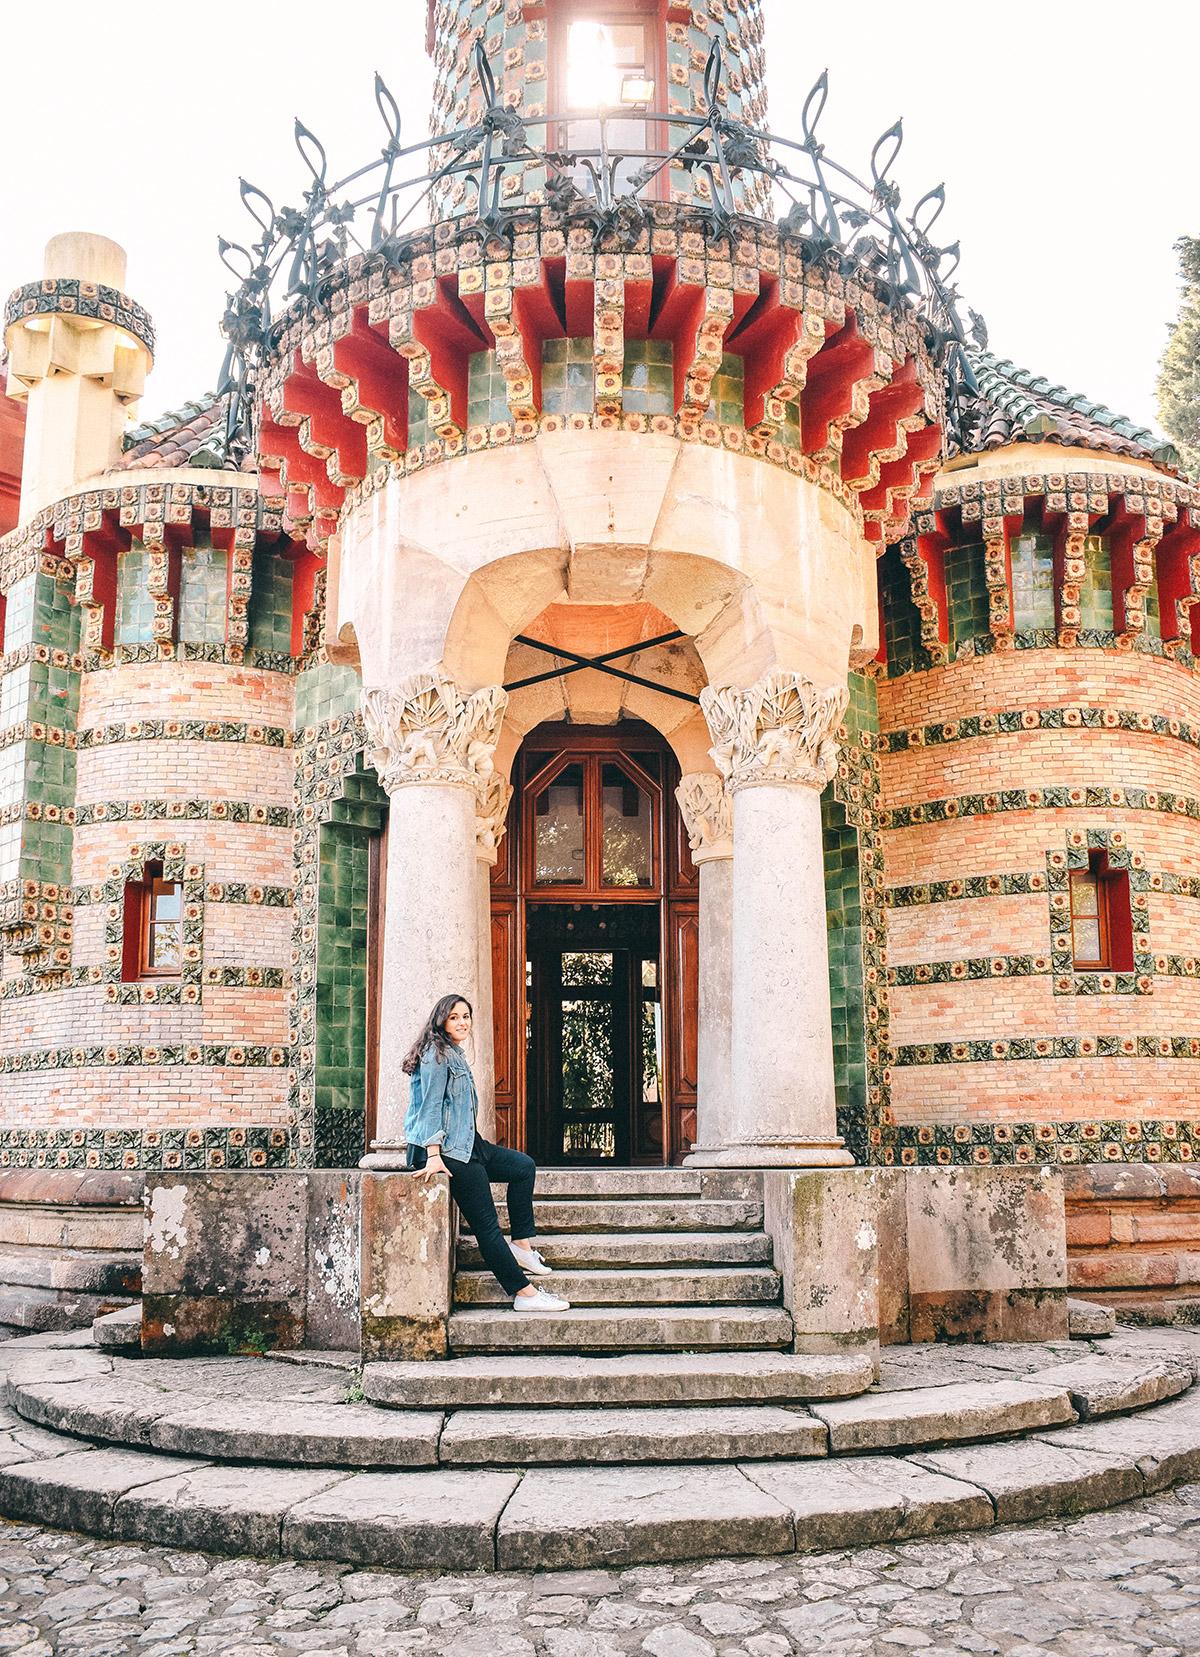 Capricho de Gaudi aussen